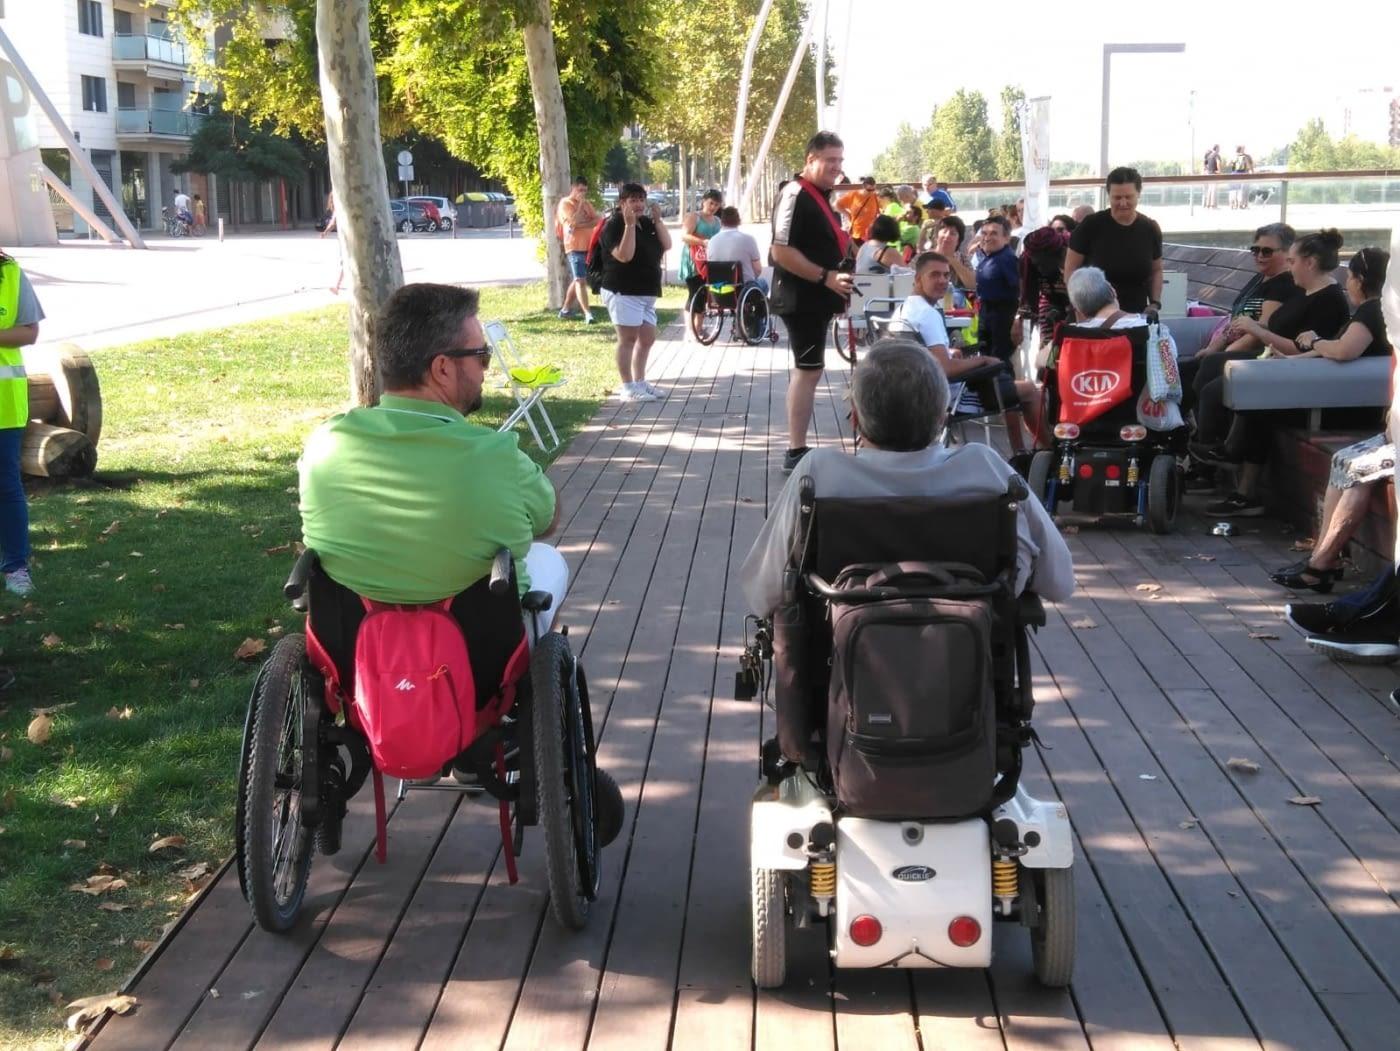 El sector de la discapacidad reclama un Código de Accesibilidad de acuerdo con la normativa internacional y las necesidades reales del colectivo